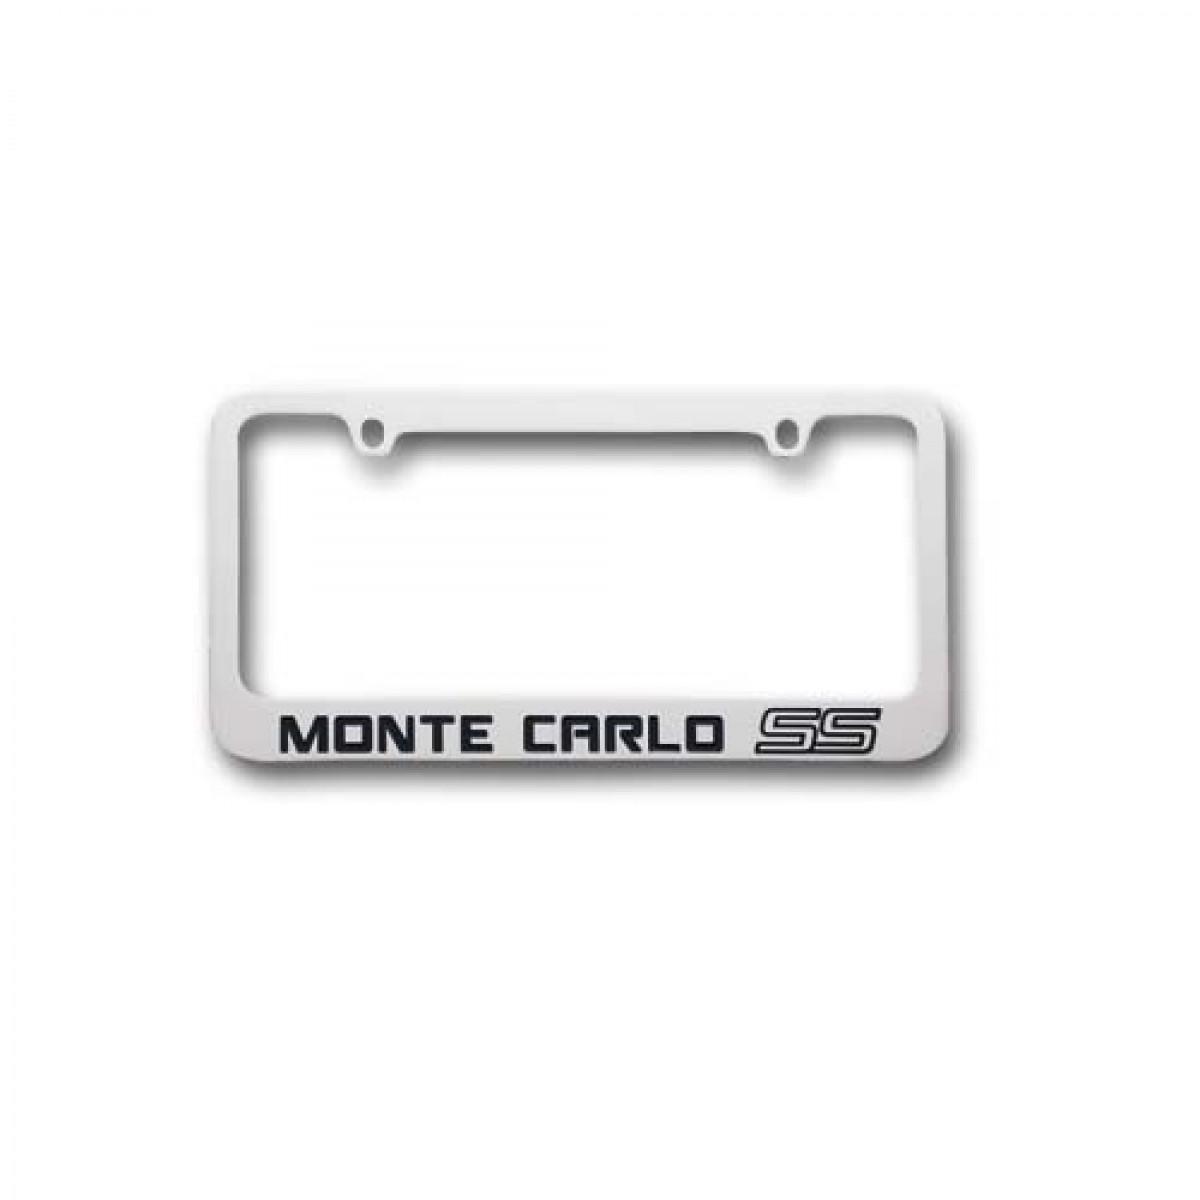 HossRods.com | Chevy Monte Carlo SS License Plate Frame Chrome | Hot ...